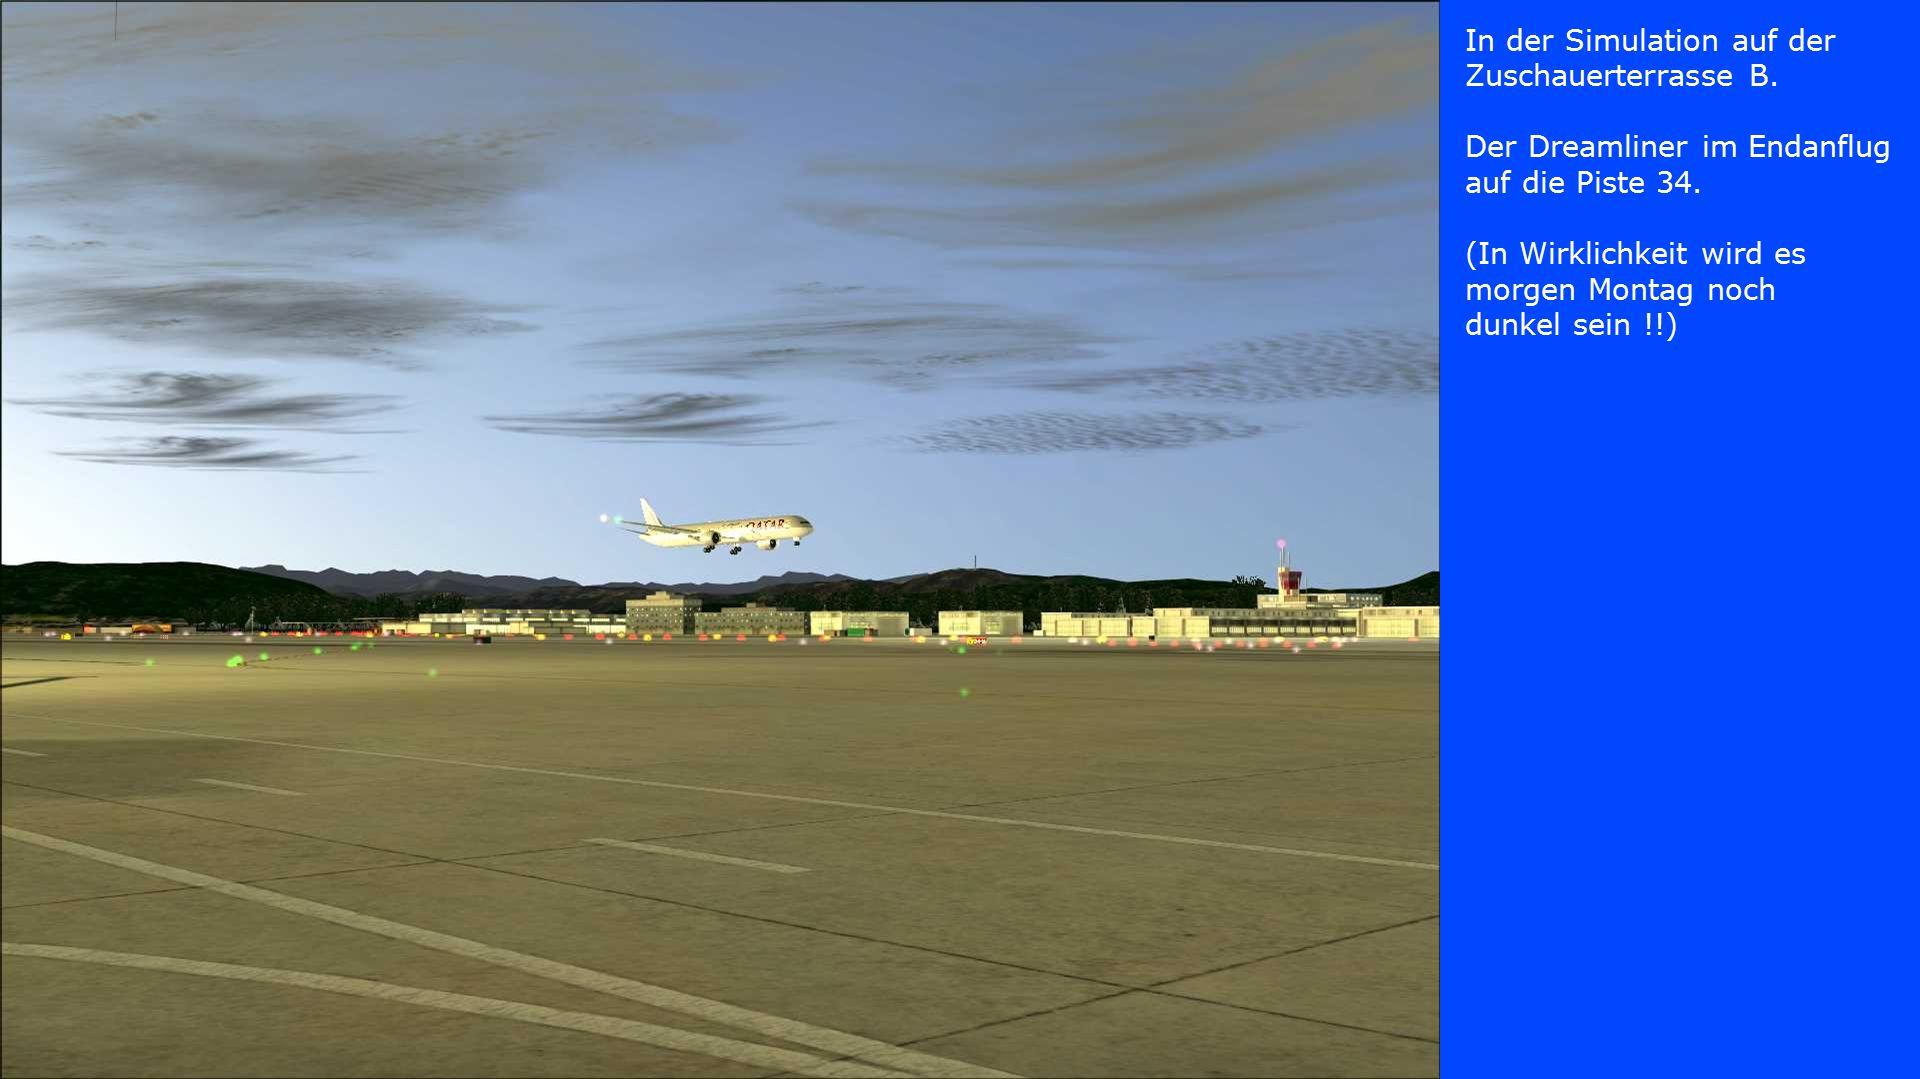 In der Simulation auf der Zuschauerterrasse B. Der Dreamliner im Endanflug auf die Piste 34.